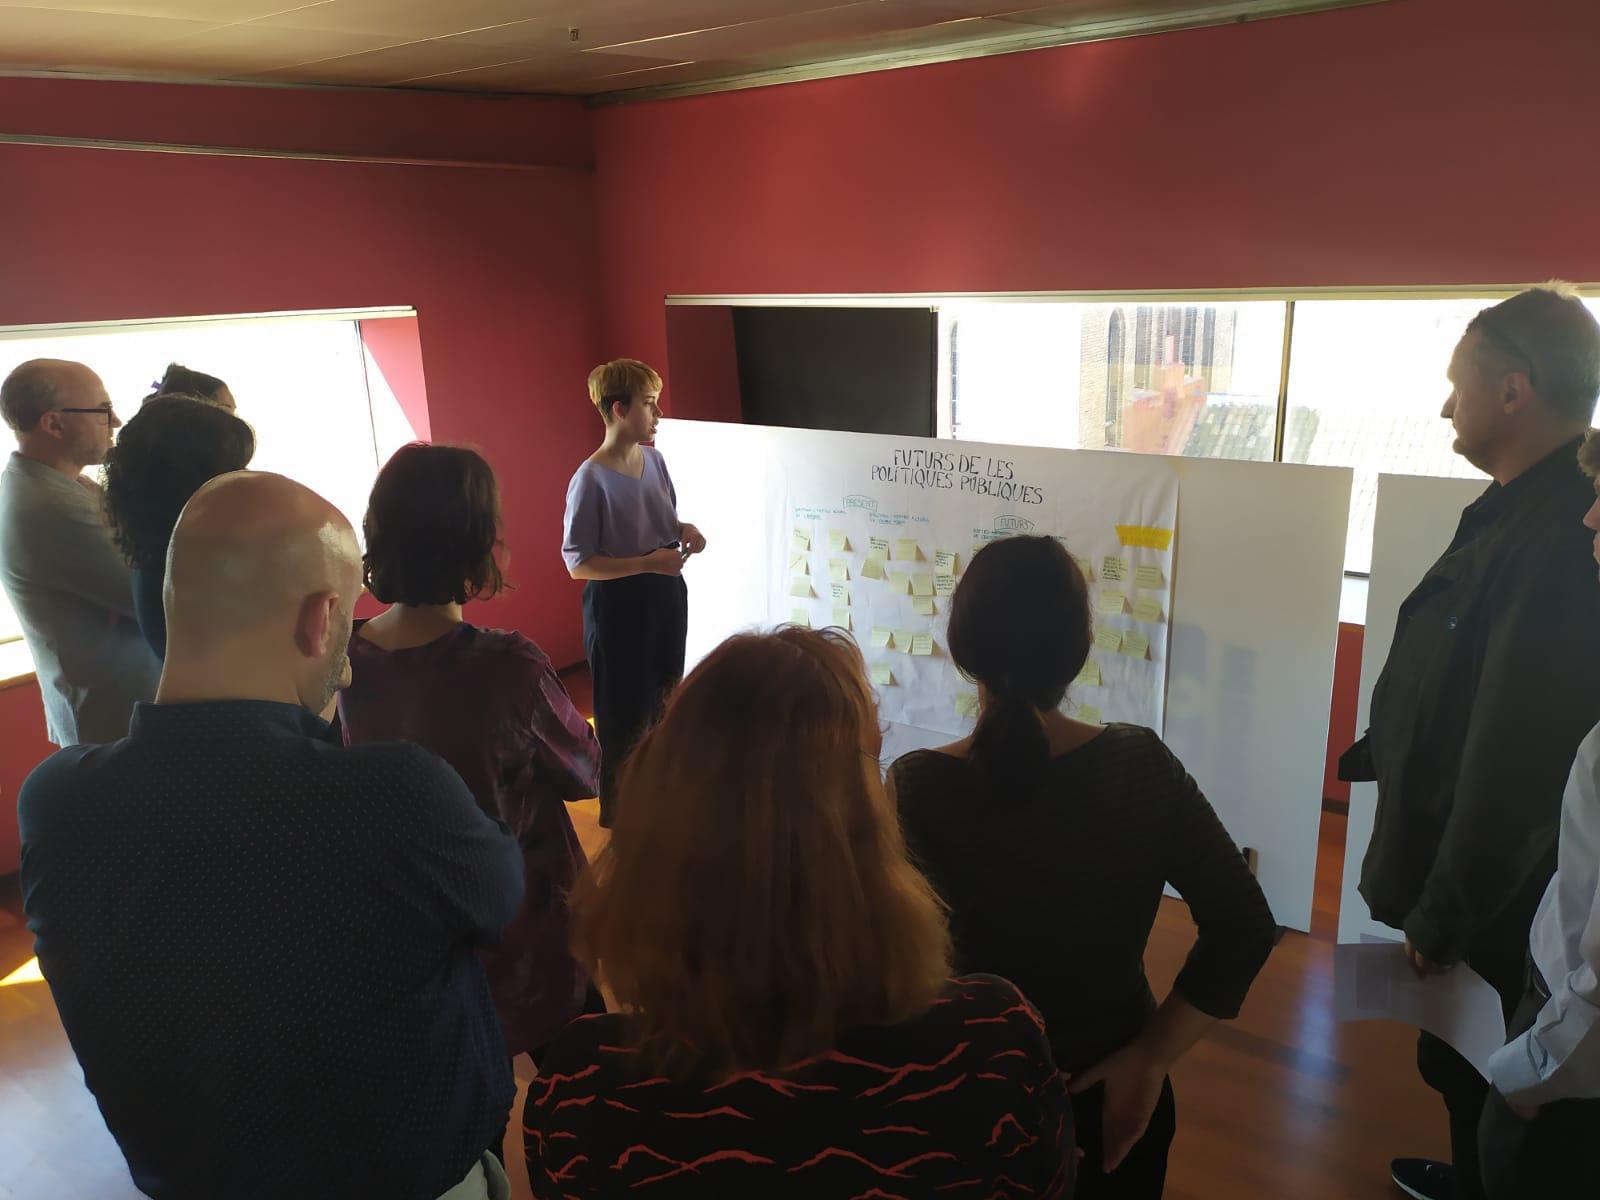 Instal·lació participativa: 'Nous futurs de les polítiques públiques'